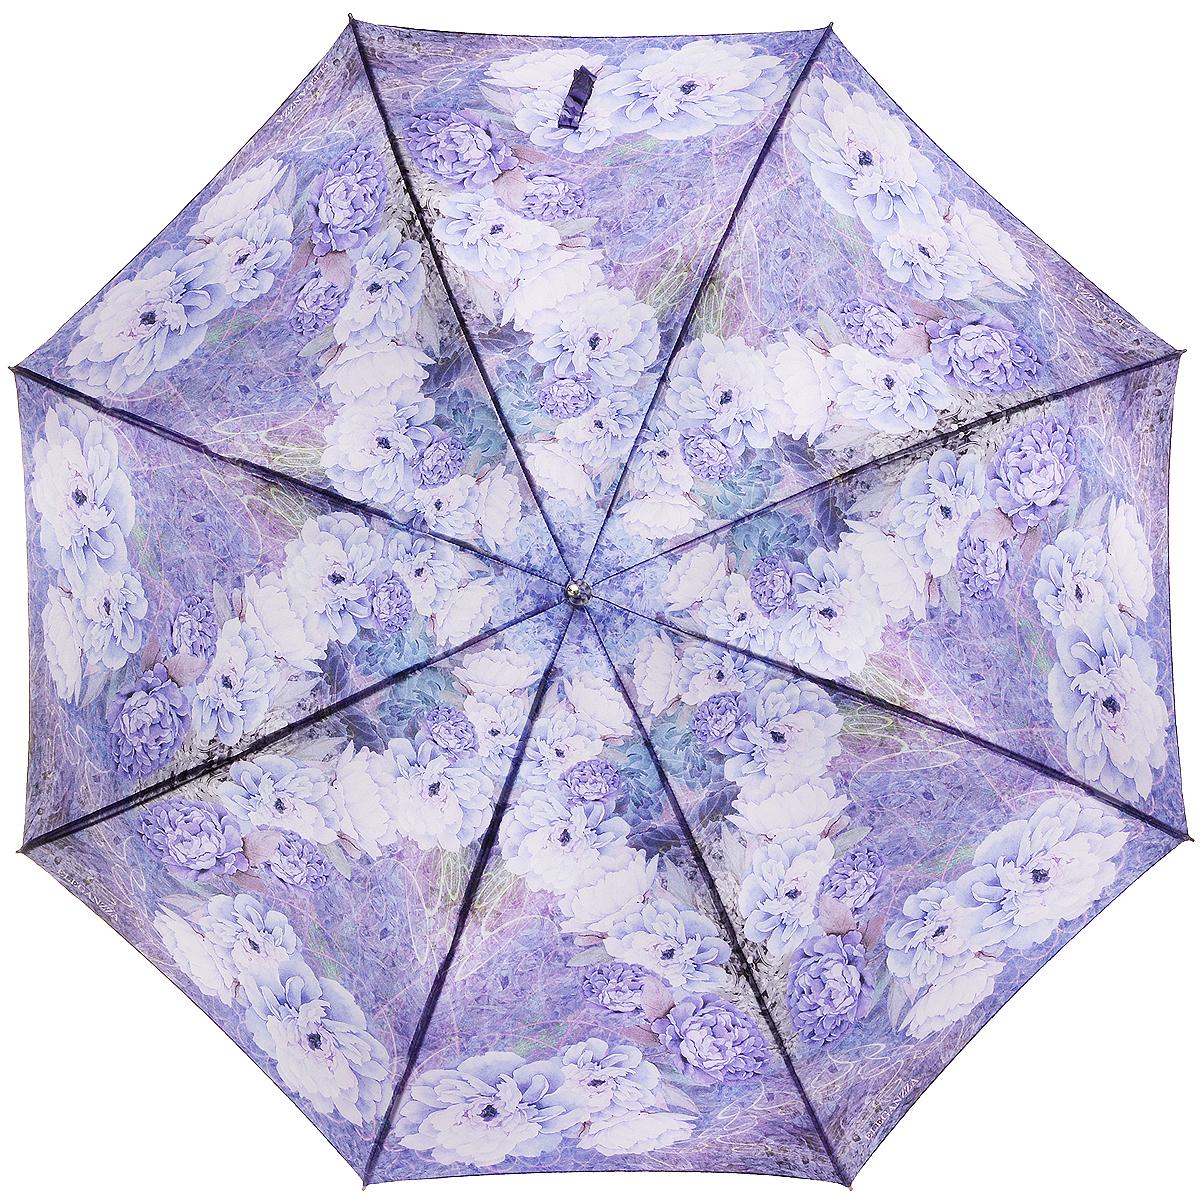 Зонт-трость женский Eleganzza, полуавтомат, 3 сложения, цвет: лиловый. T-06-0291T-06-0291Элегантный женский зонт-трость Eleganzza не оставит вас незамеченной. Изделие оформлено оригинальным принтом в виде цветов. Зонт состоит из восьми спиц и стержня, изготовленных из стали и фибергласса. Купол выполнен из качественного полиэстера и сатина, которые не пропускают воду. Зонт дополнен удобной ручкой из акрила, которая имеет форму крючка. Также зонт имеет заостренный наконечник, который устраняет попадание воды на стержень и уберегает зонт от повреждений. Изделие имеет полуавтоматический механизм сложения: купол открывается нажатием кнопки на ручке, а складывается вручную до характерного щелчка. Оригинальный и практичный аксессуар даже в ненастную погоду позволит вам оставаться женственной и привлекательной.